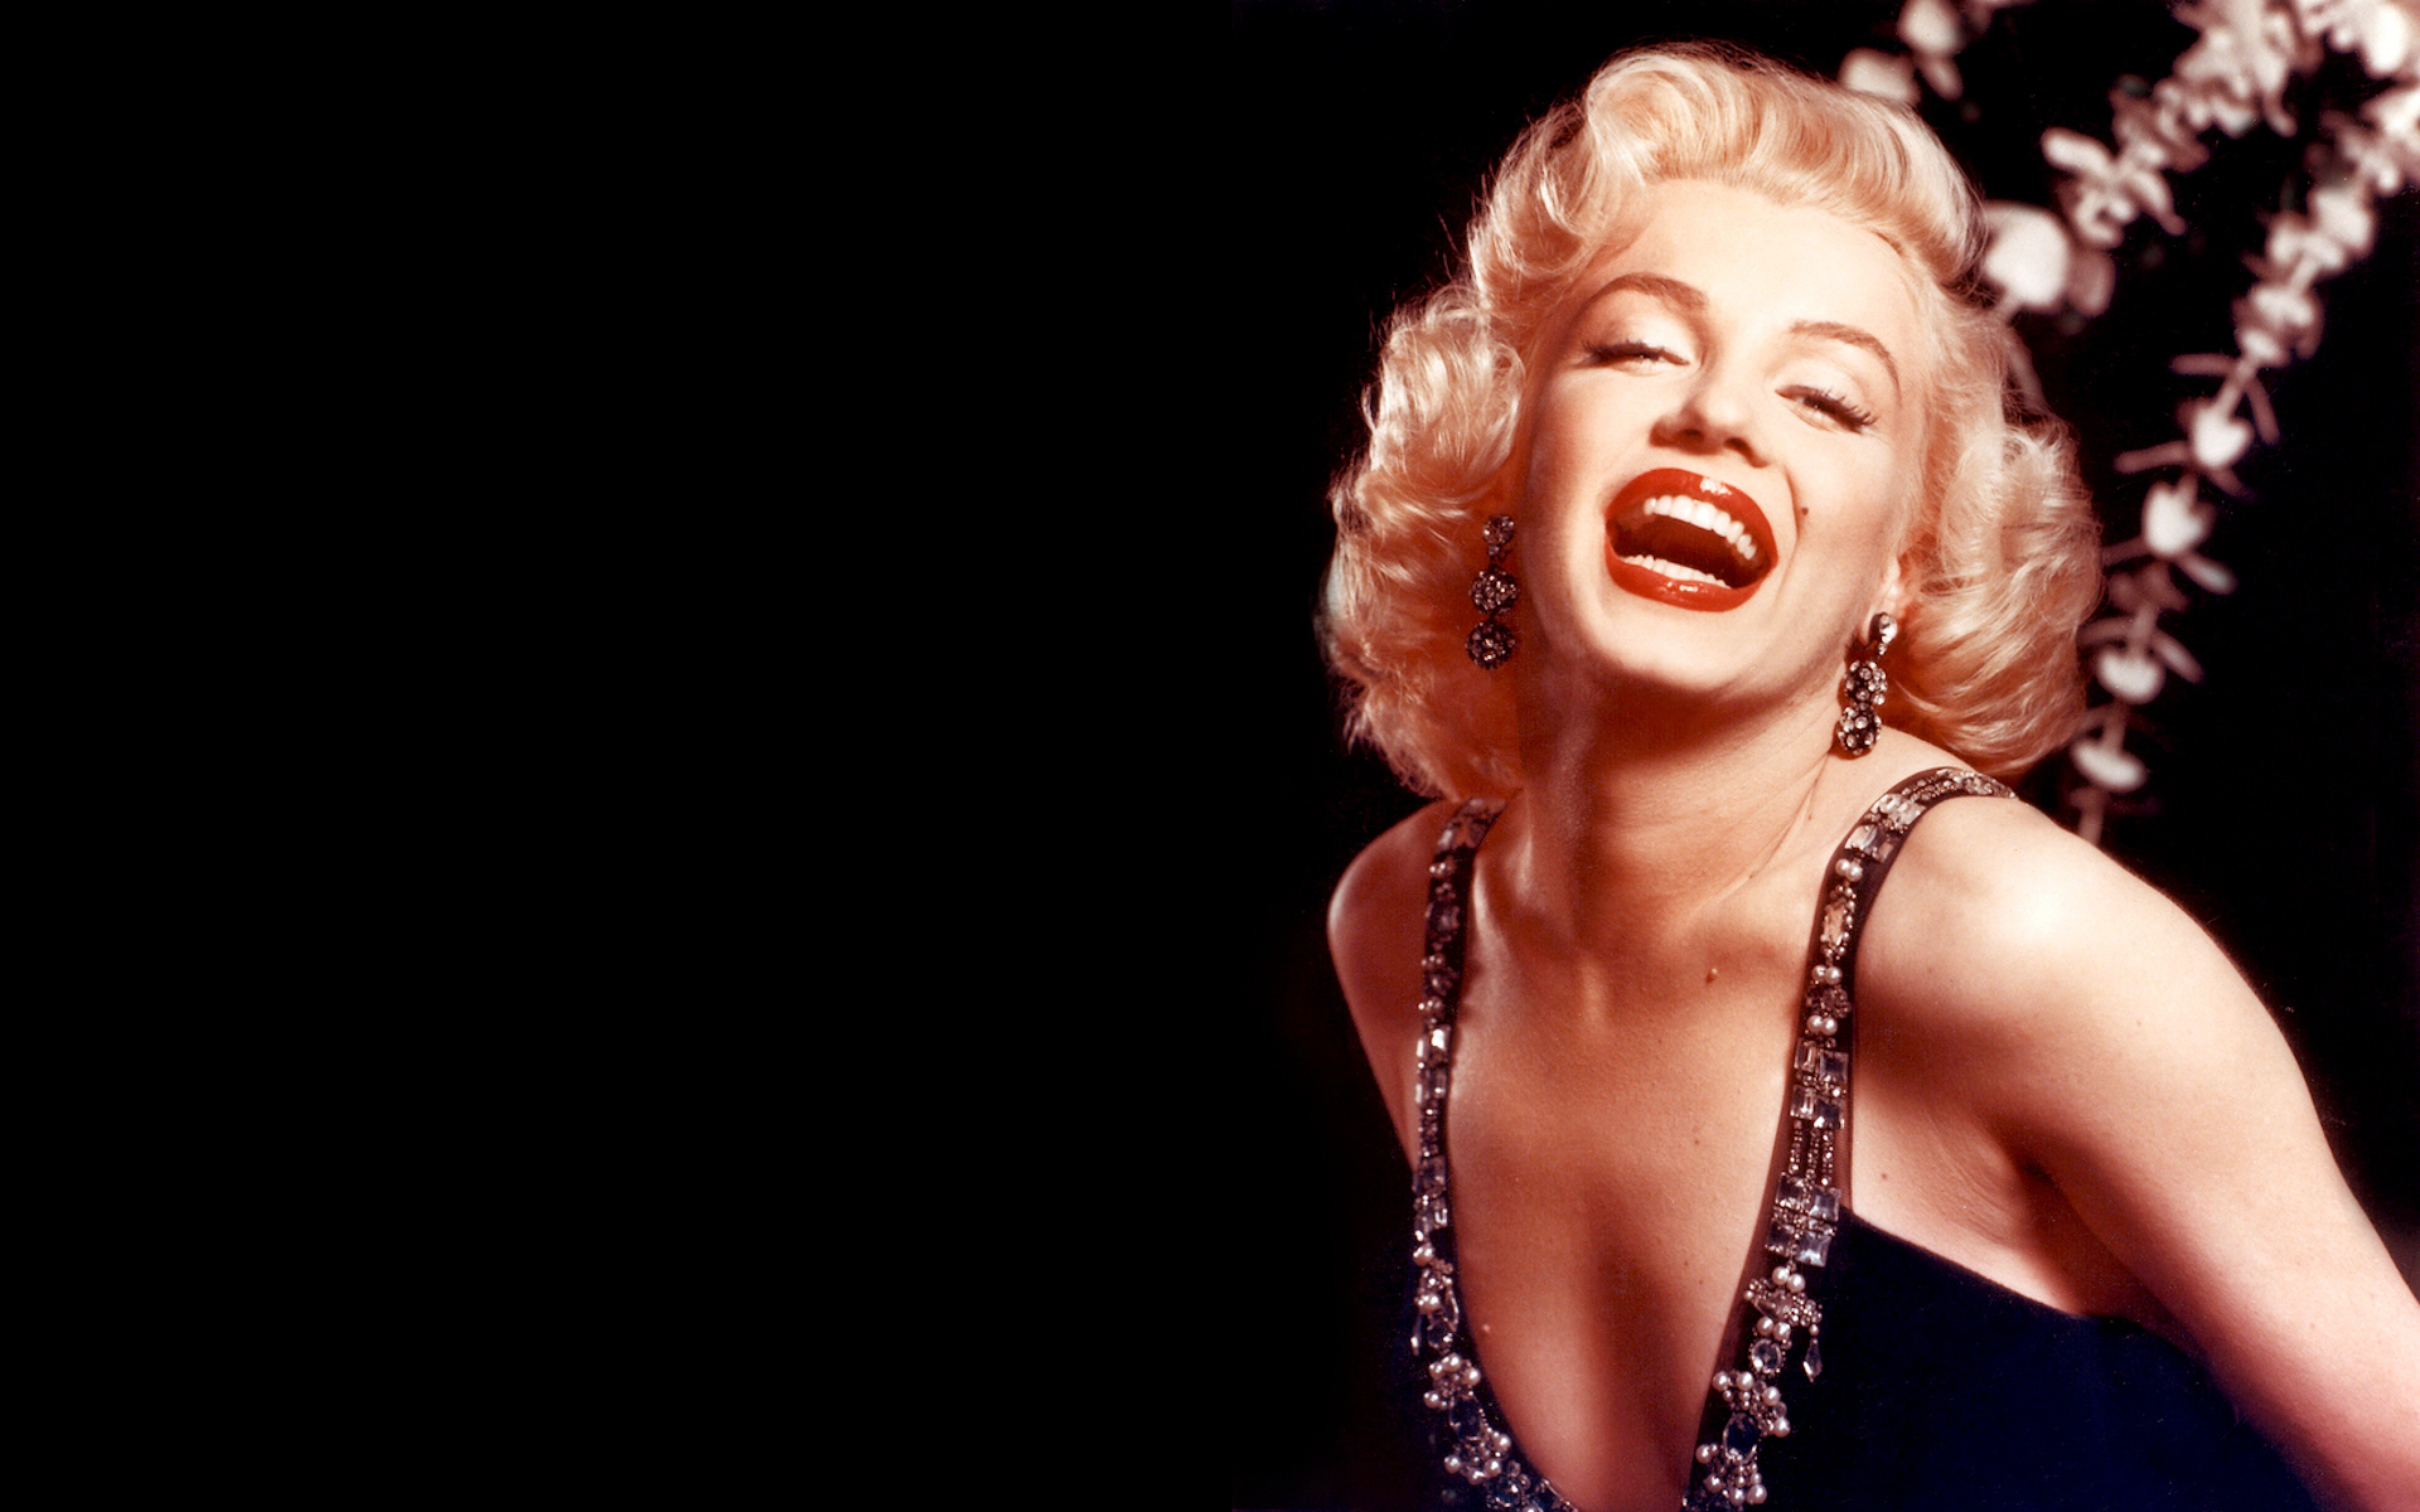 Marilyn monroe boobs